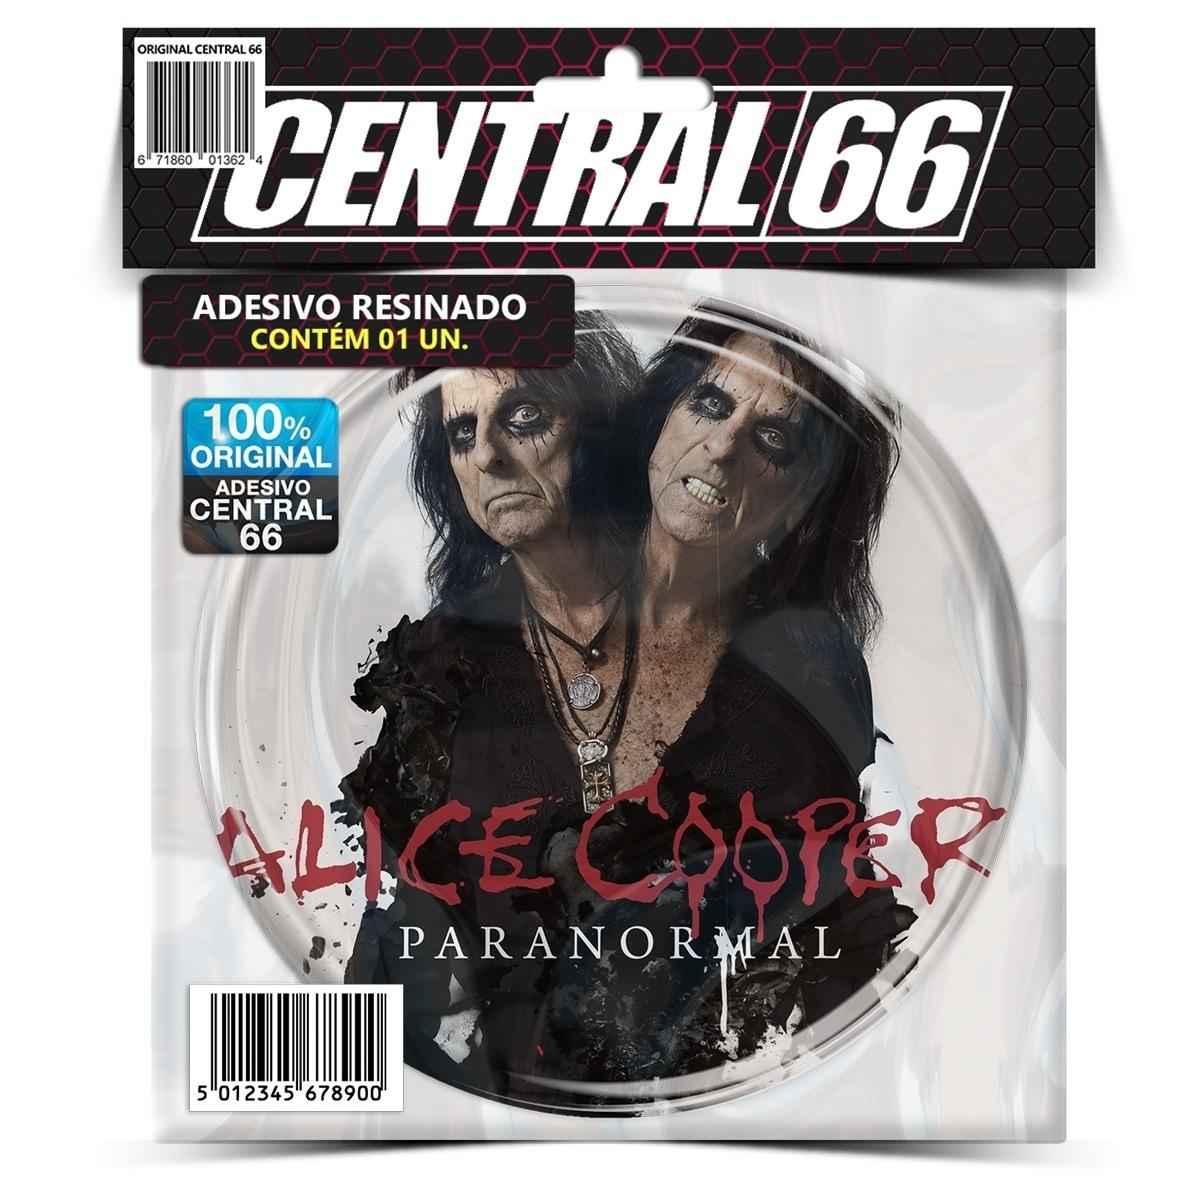 Adesivo Redondo Alice Cooper Paranormal – Central 66